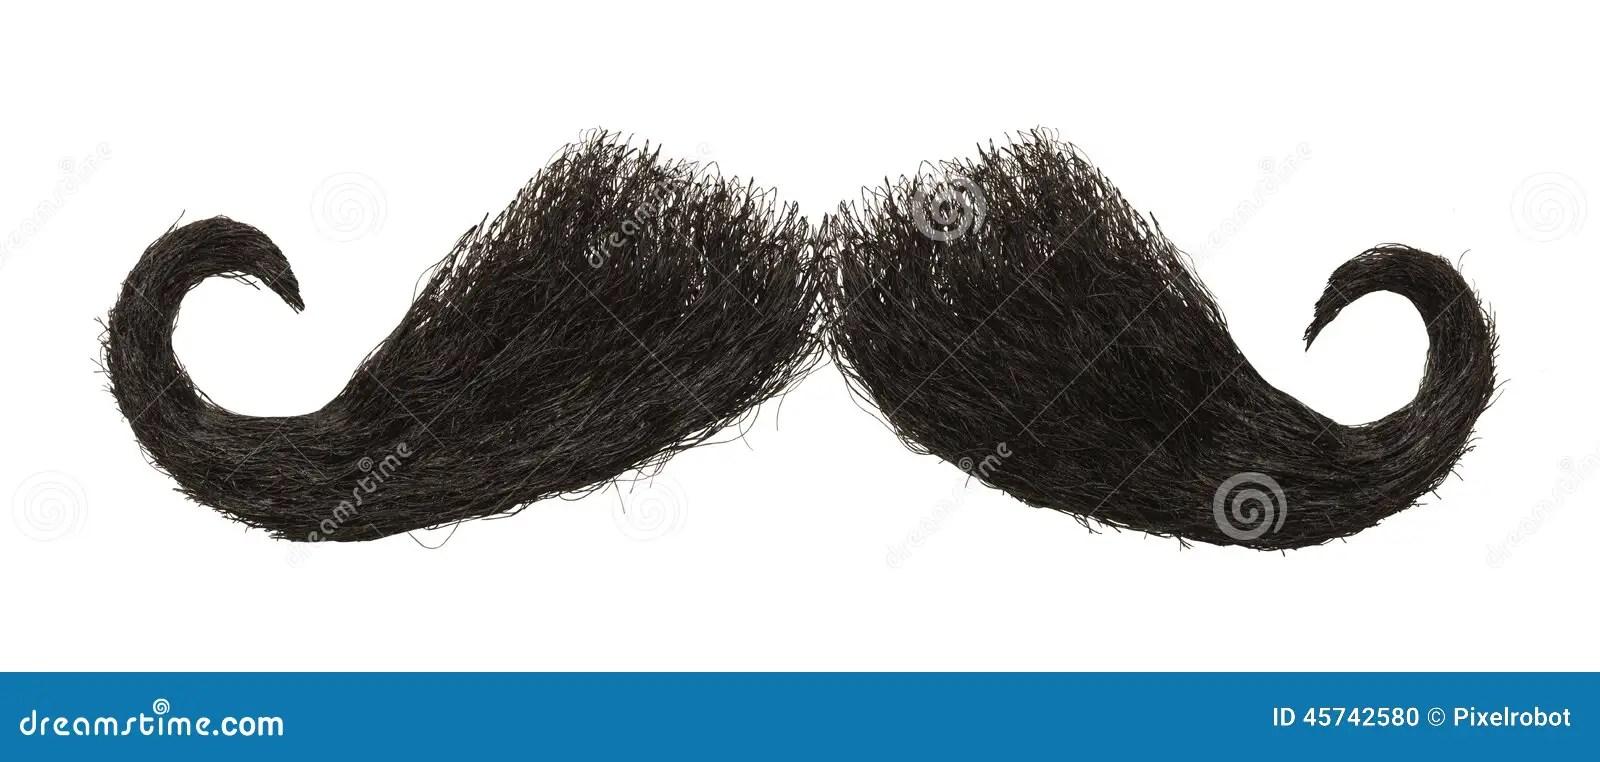 Schnurrbart stockfoto. Bild von menschlich. gekräuselt - 45742580